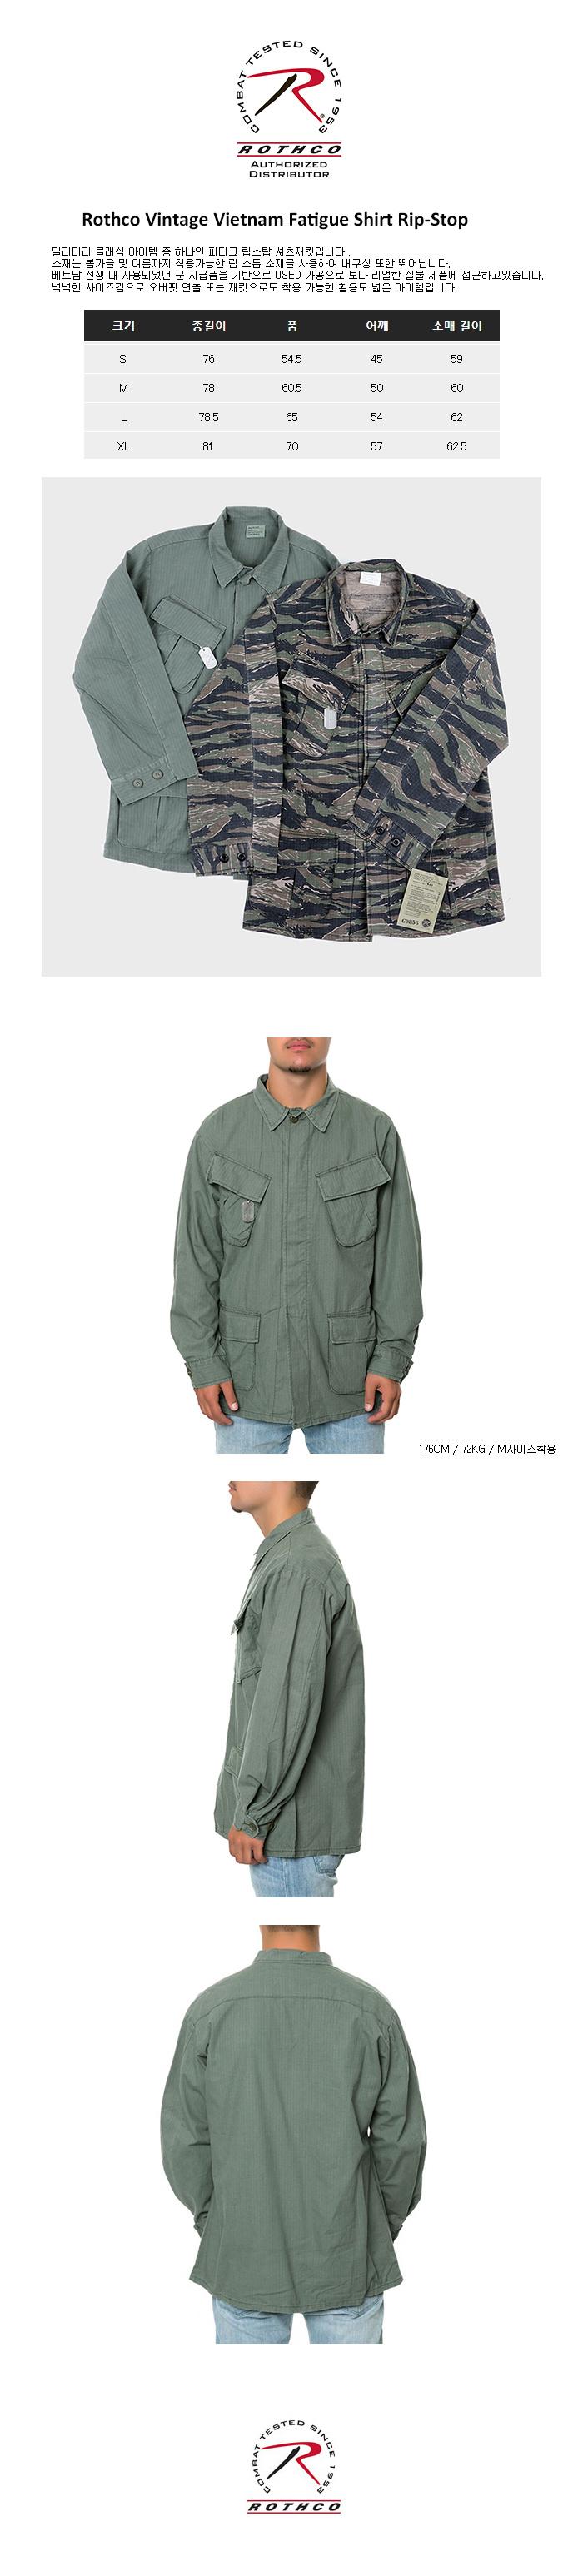 로스코(ROTHCO) [국내배송] 빈티지 베트남 립스탑  퍼티그 셔츠